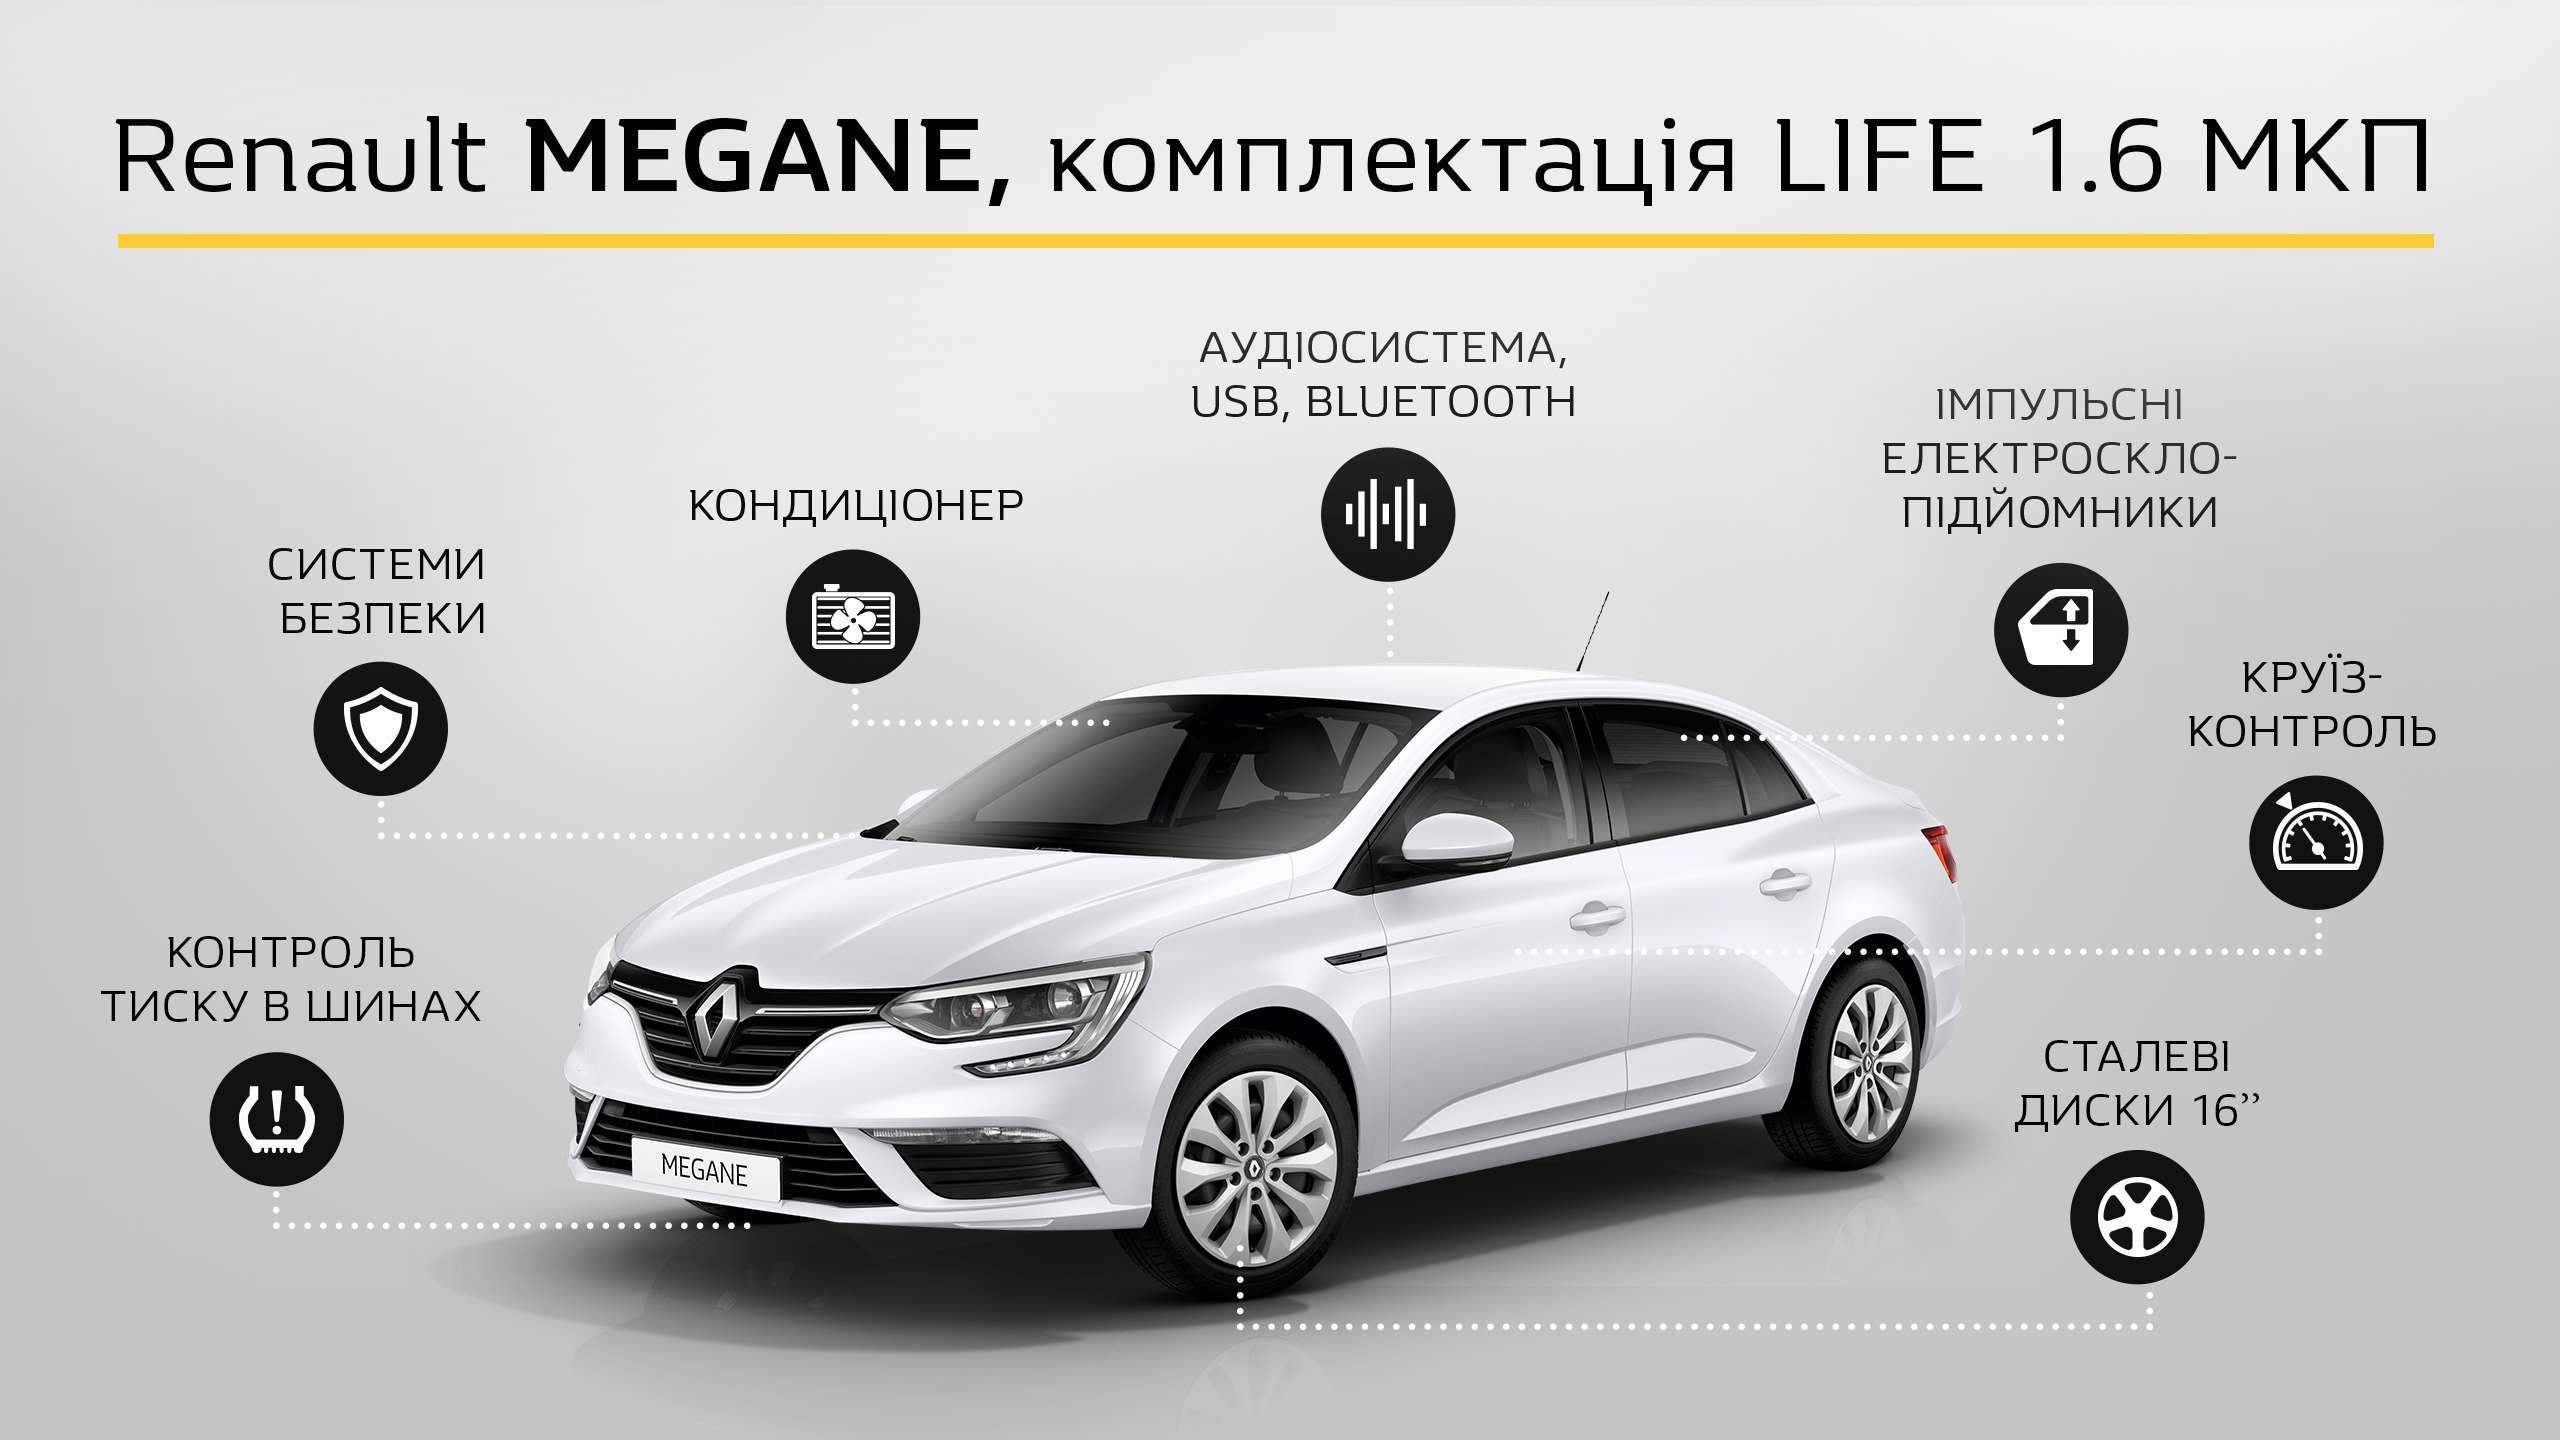 Спеціальна пропозиція на обмежену кількість Renault MEGANE